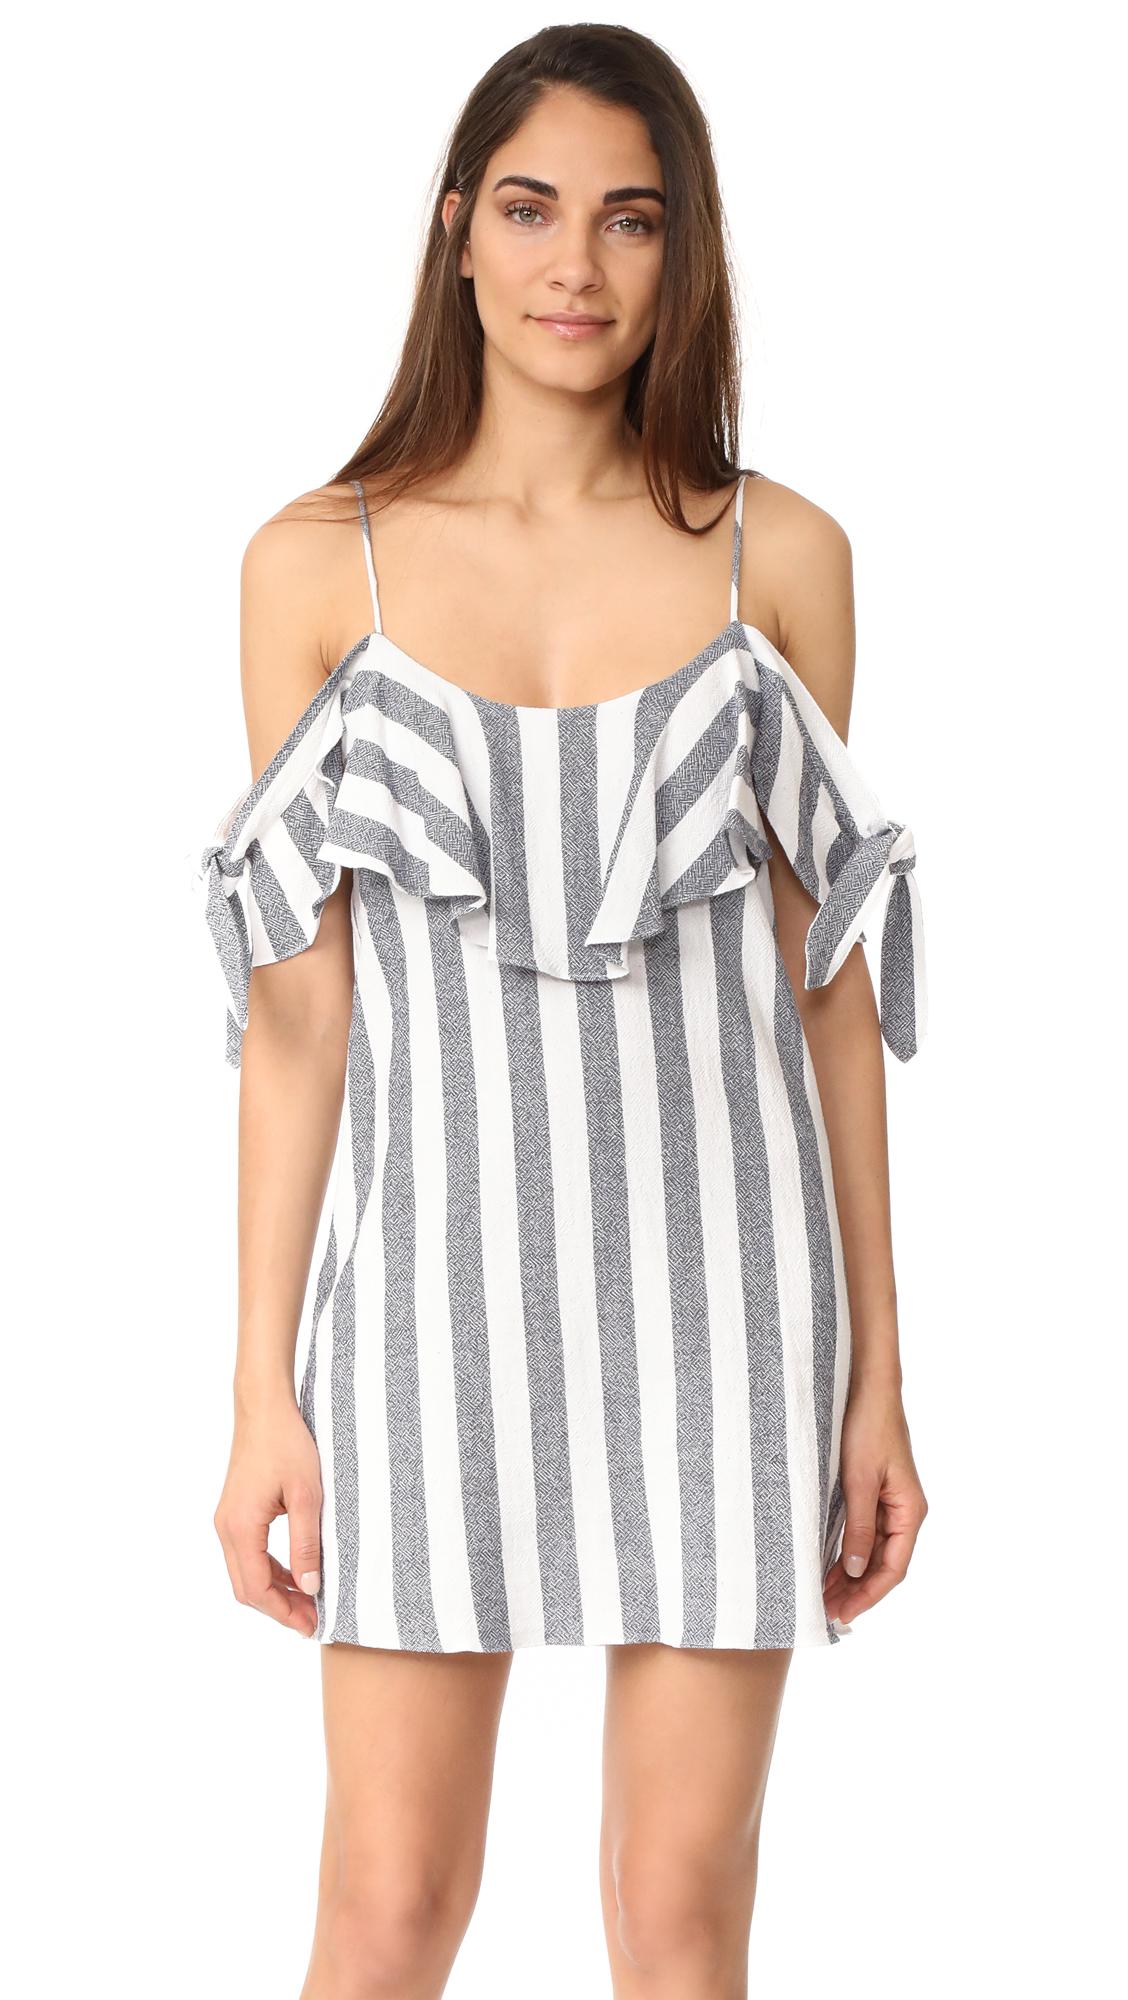 T bag maxi dress